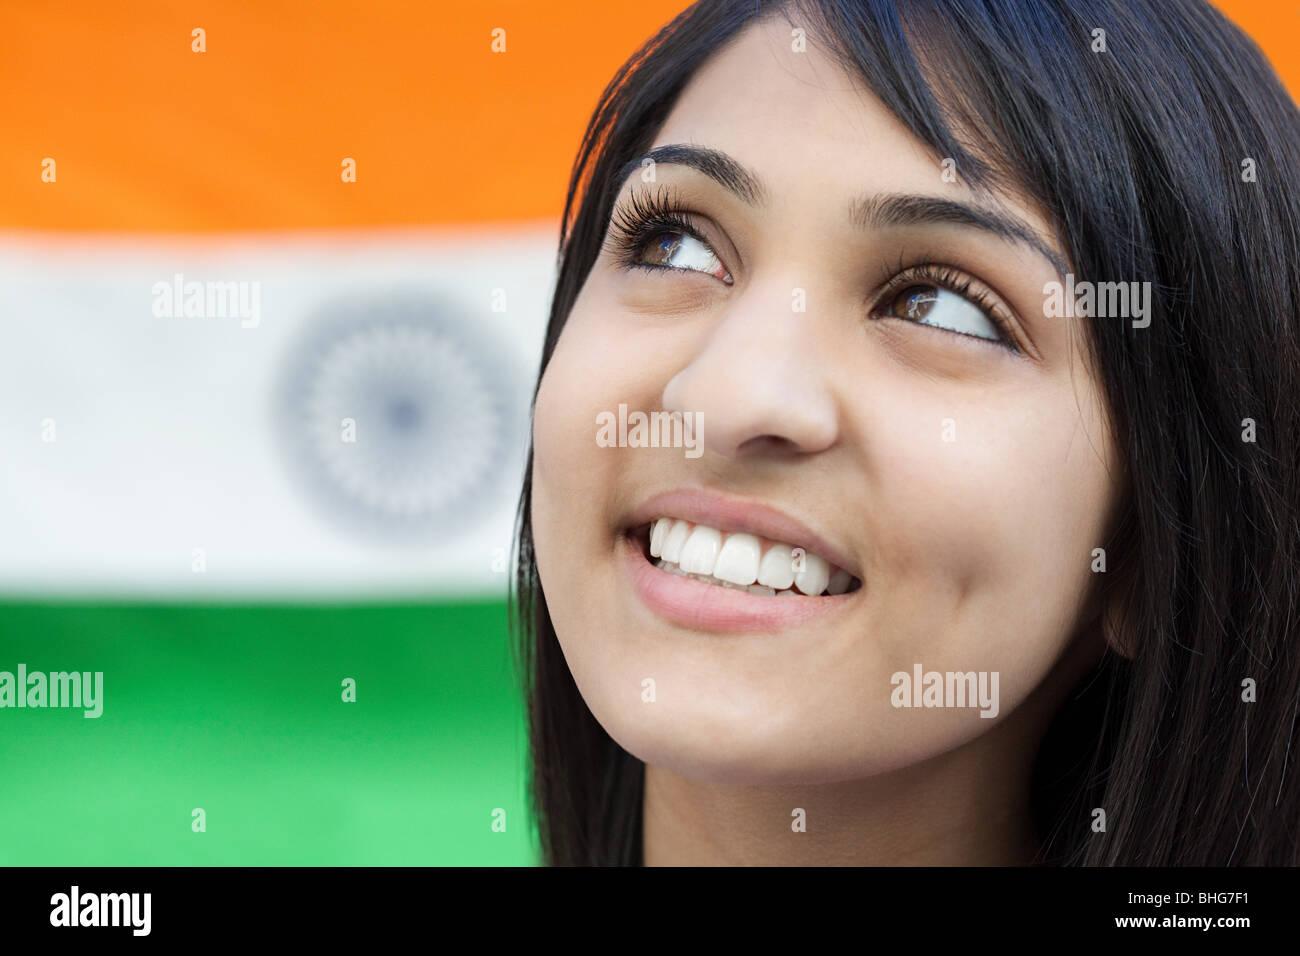 Adolescente y la bandera india Imagen De Stock